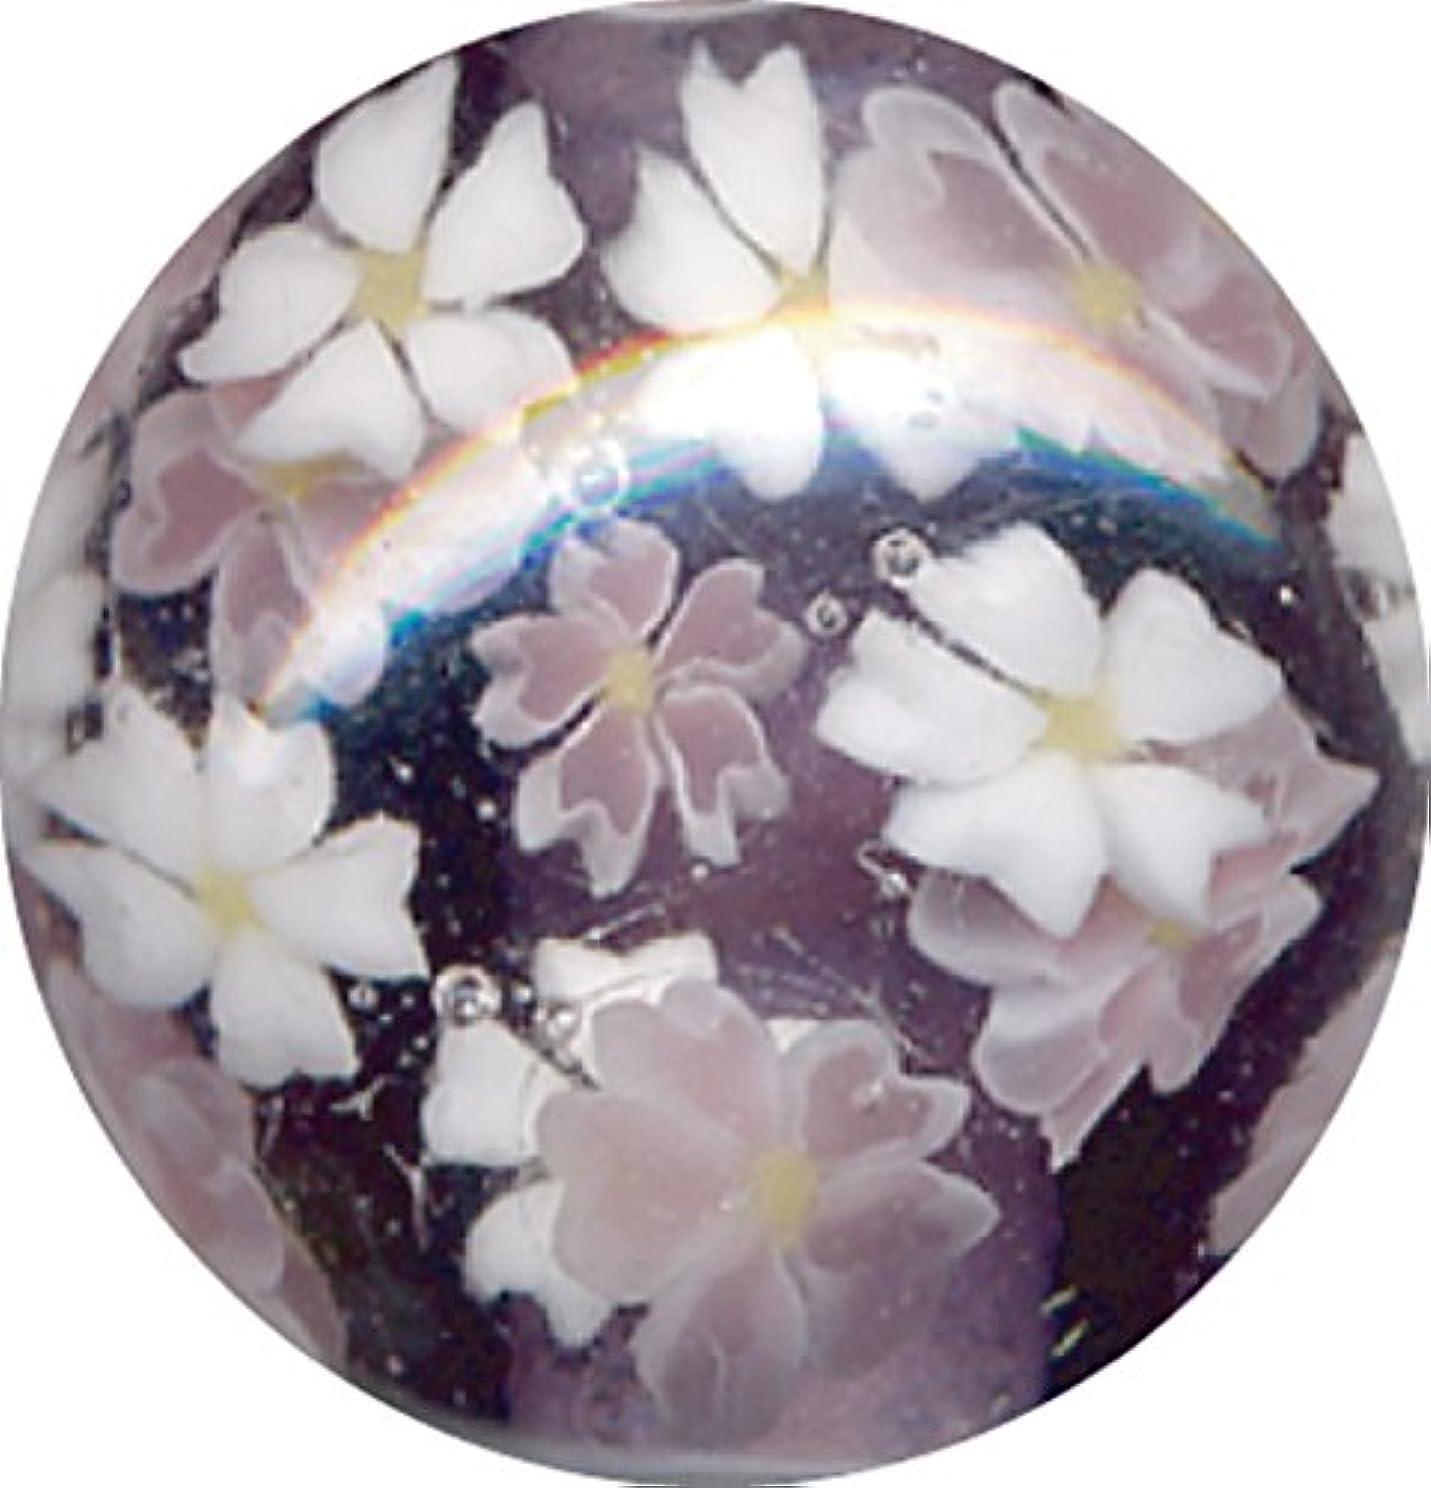 気づくネックレットトリクルとんぼ玉 桜柄 紫